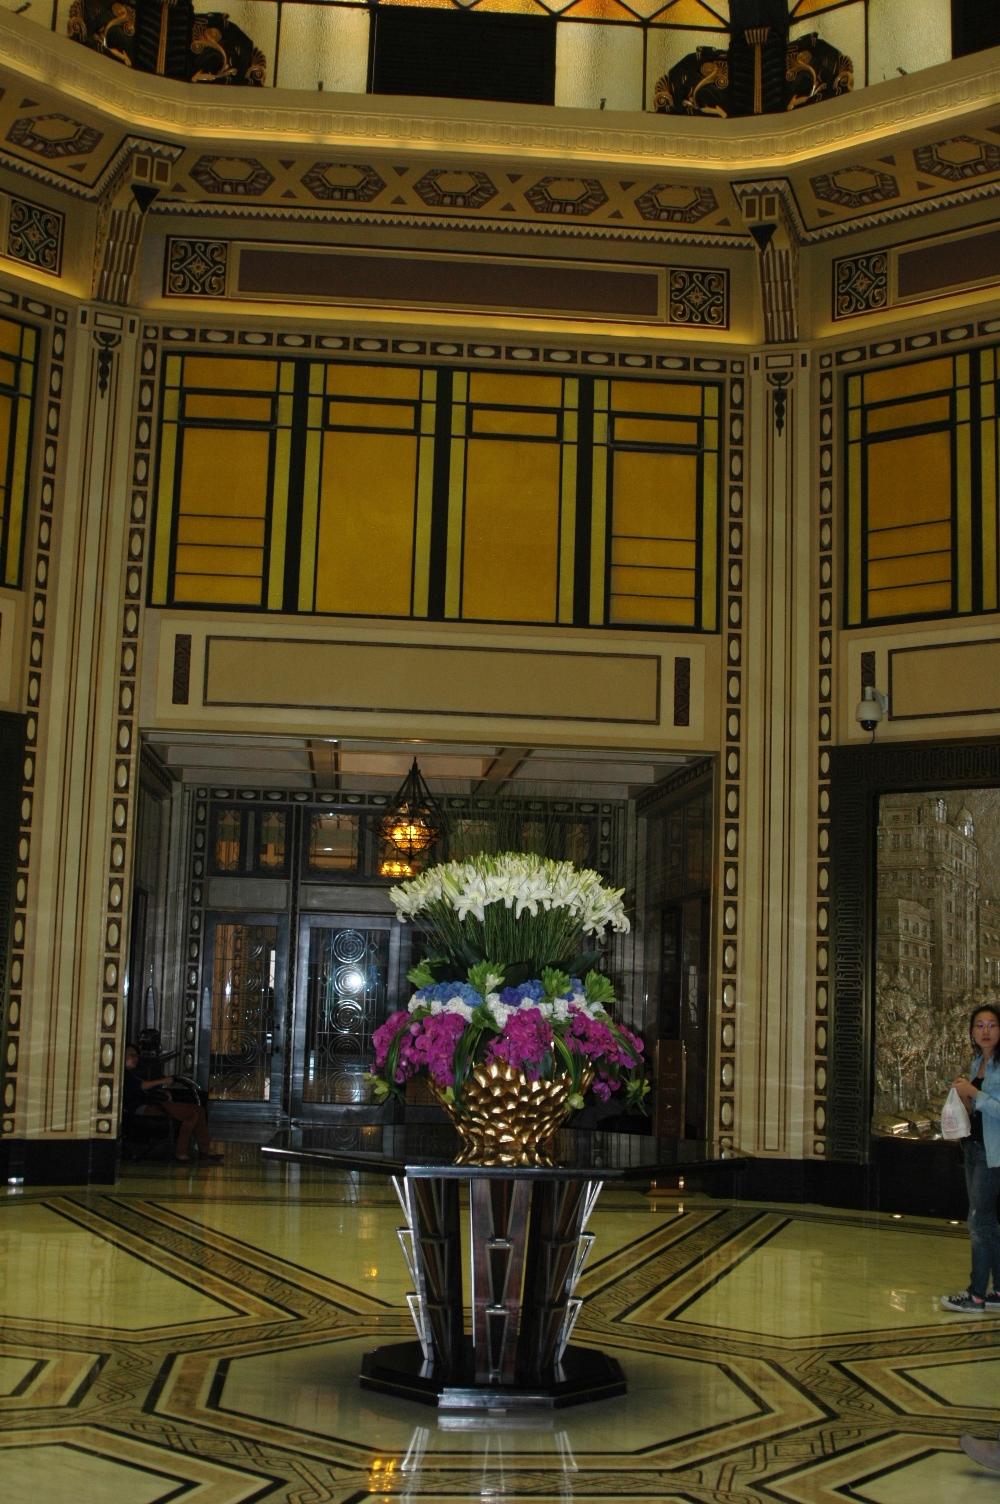 2012年10月20日: 下榻上海和平饭店